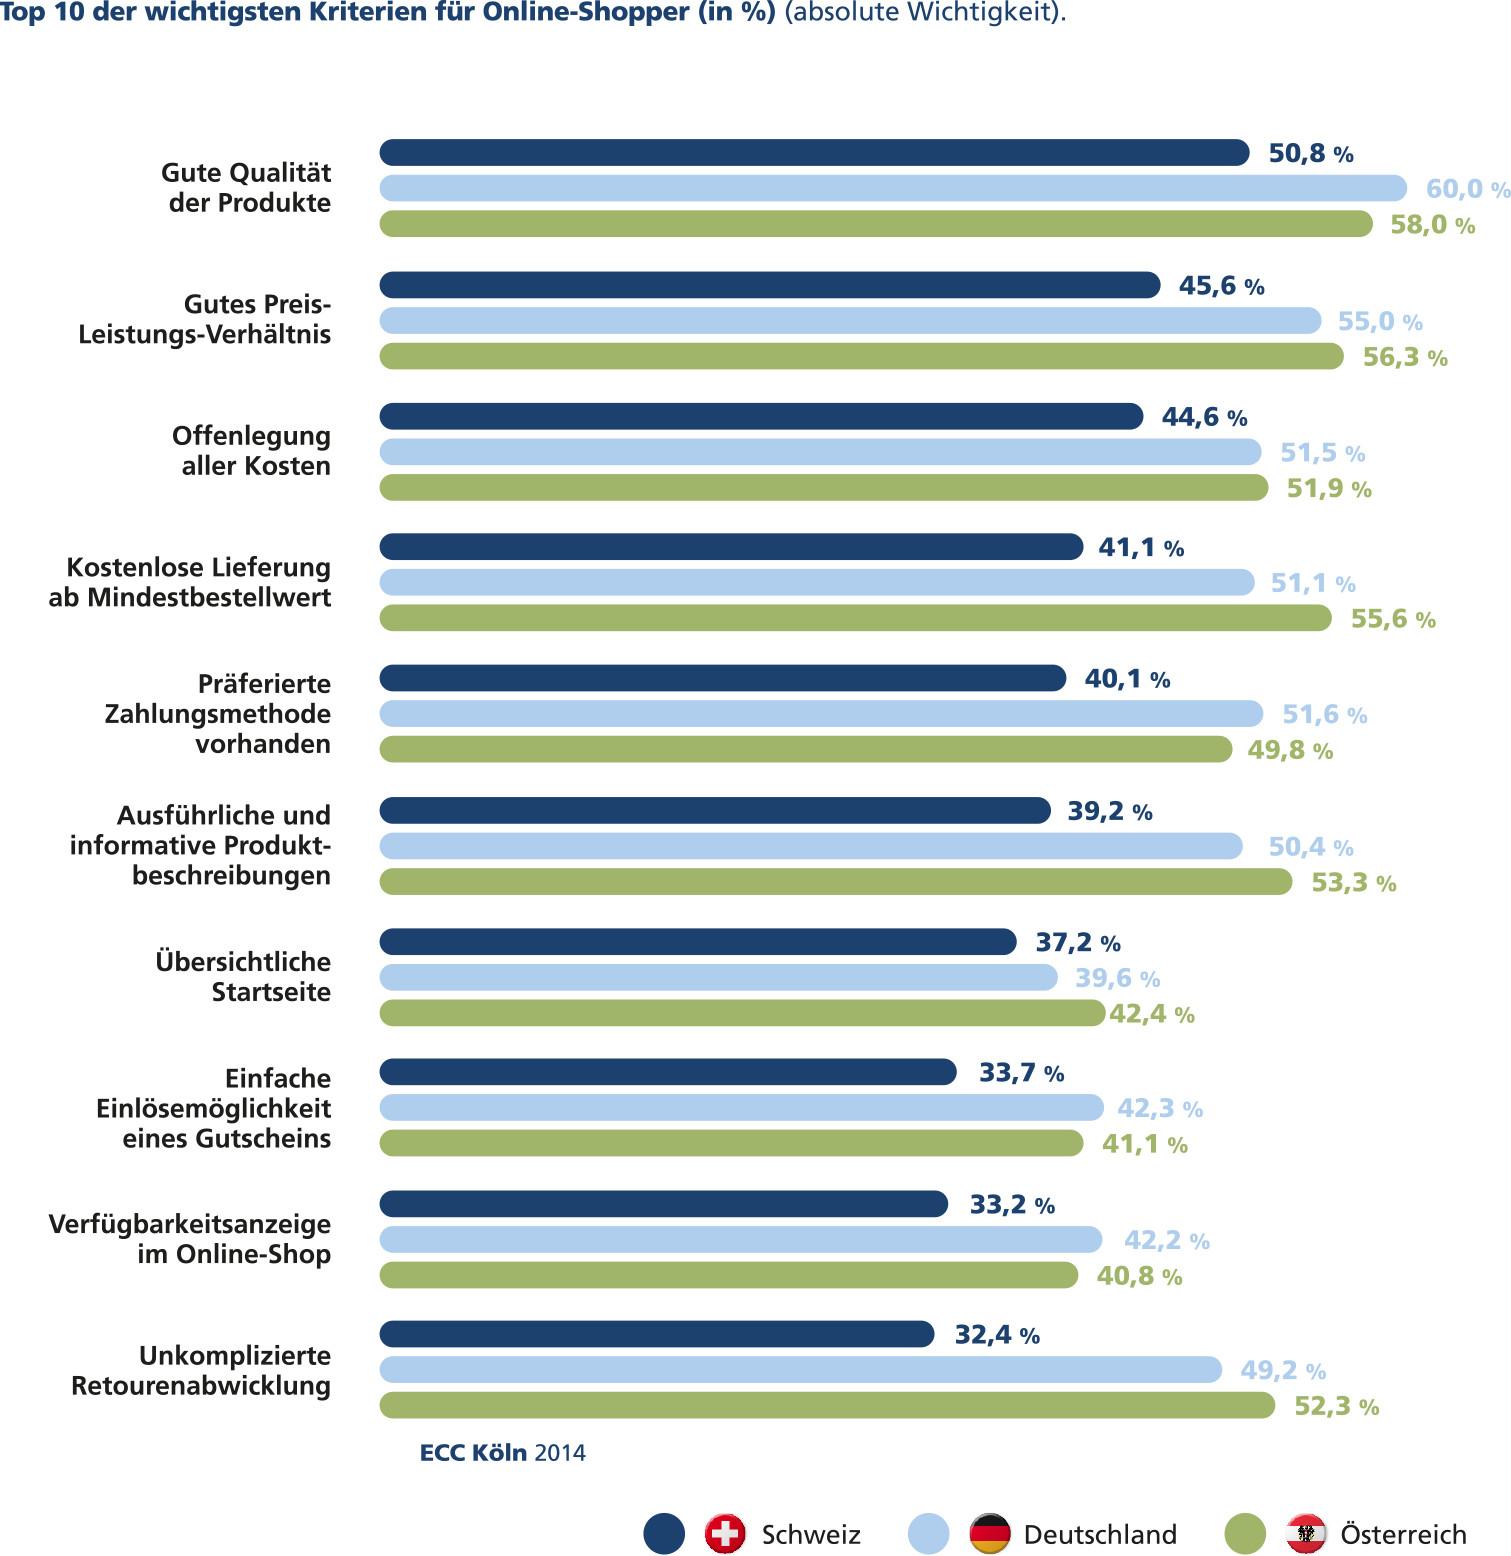 Die wichtigsten Kriterien für Onlineshopper im DACH-Raum - Quelle: ECC Köln 2014